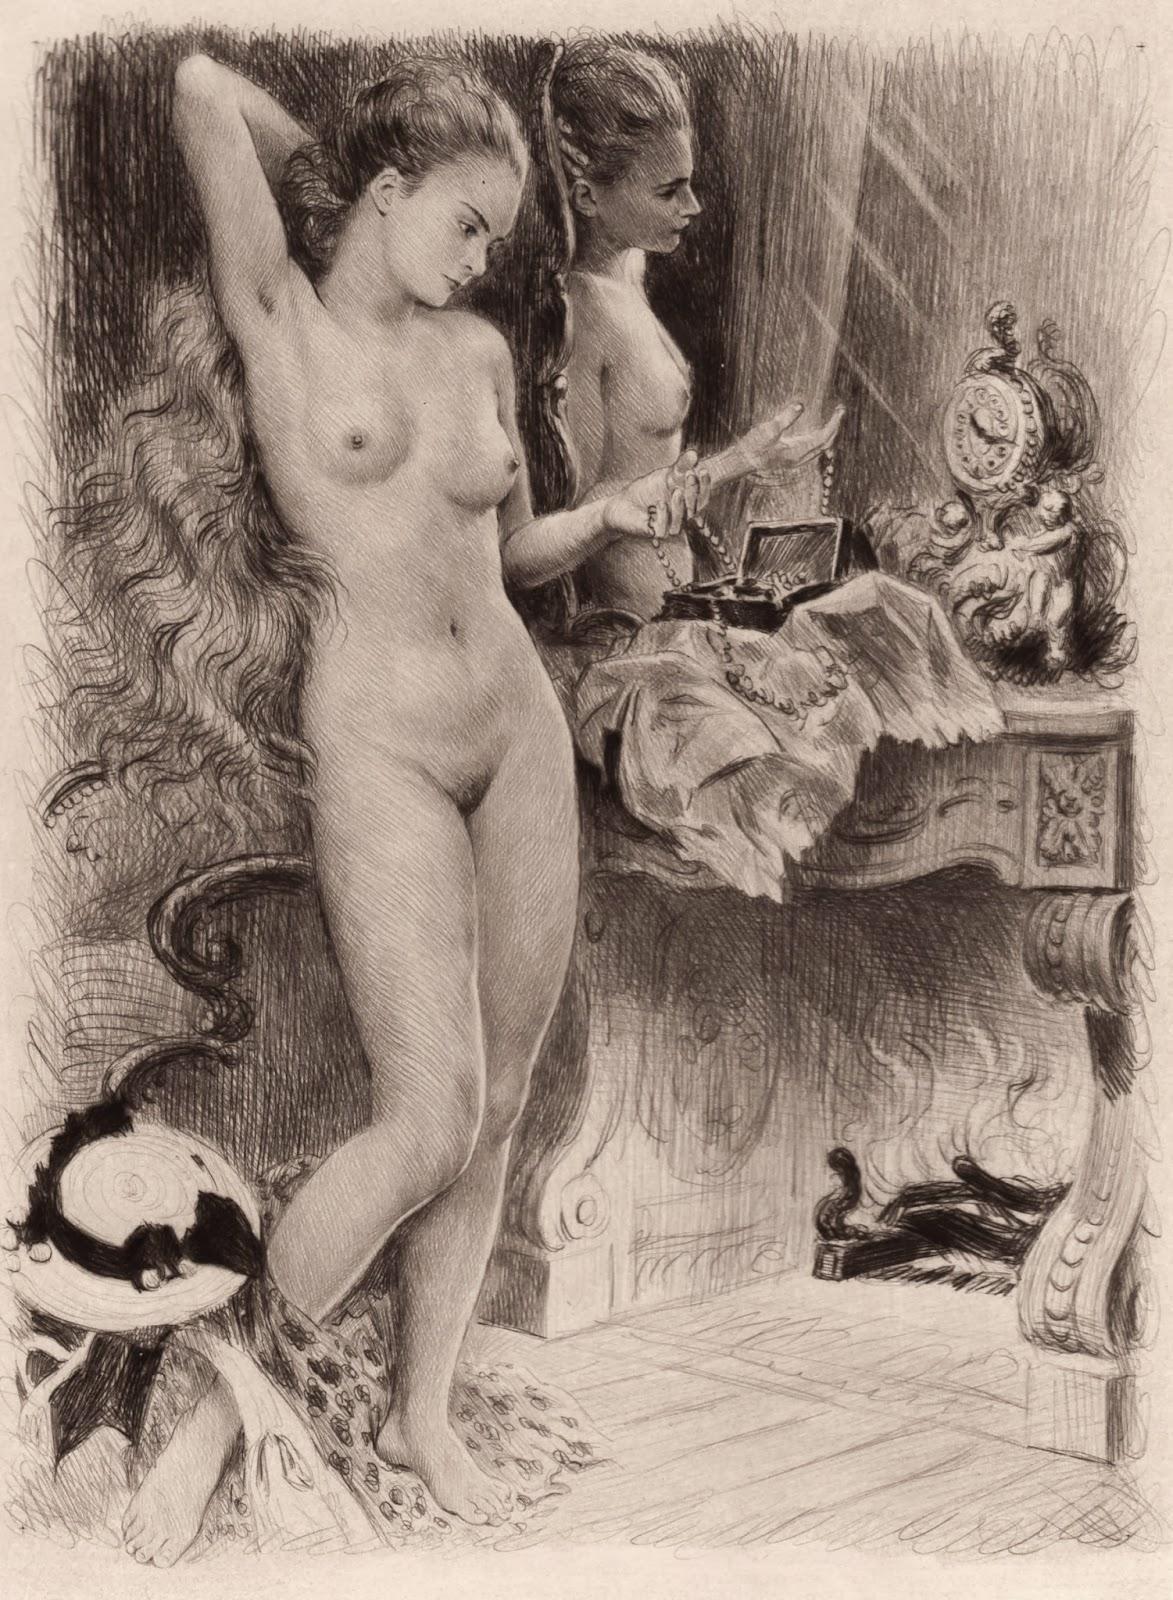 Старая эротика рисунки, жена наслаждается мужем и его друзьями порно видео онлайн